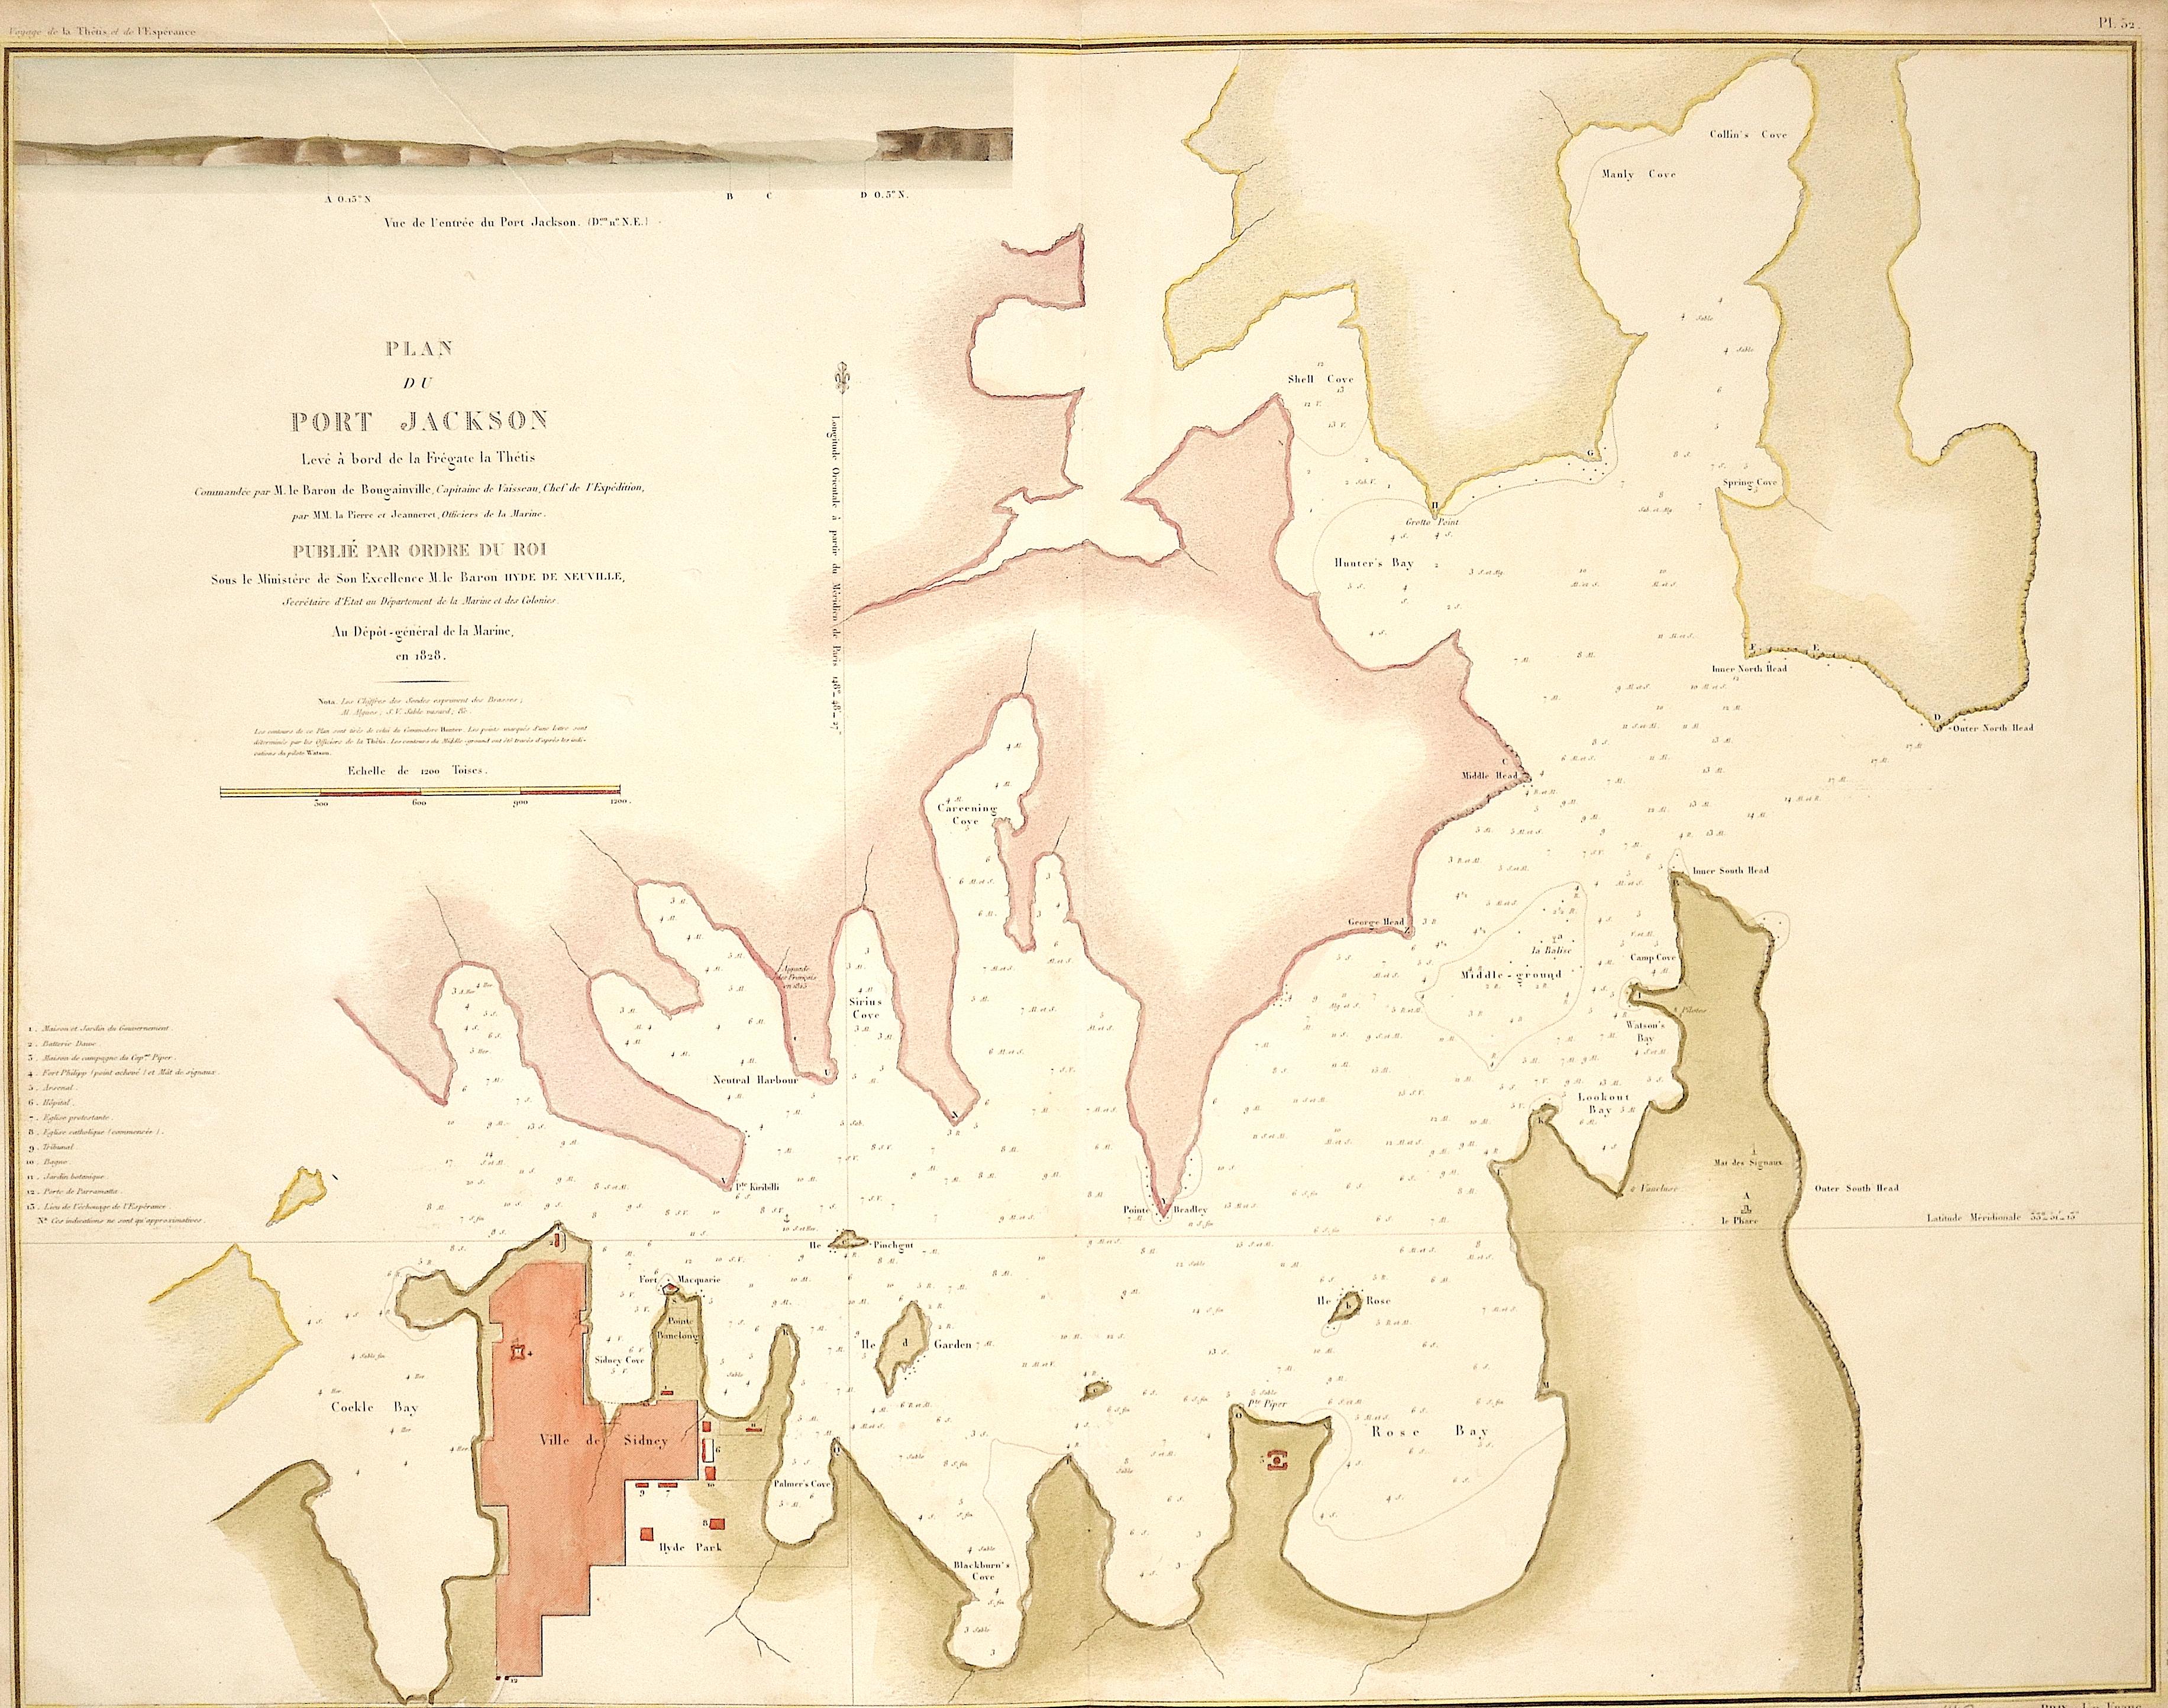 Tardieu Ambroise Plan du Port Jackson. Levé à bord de la Frégate la Thétis